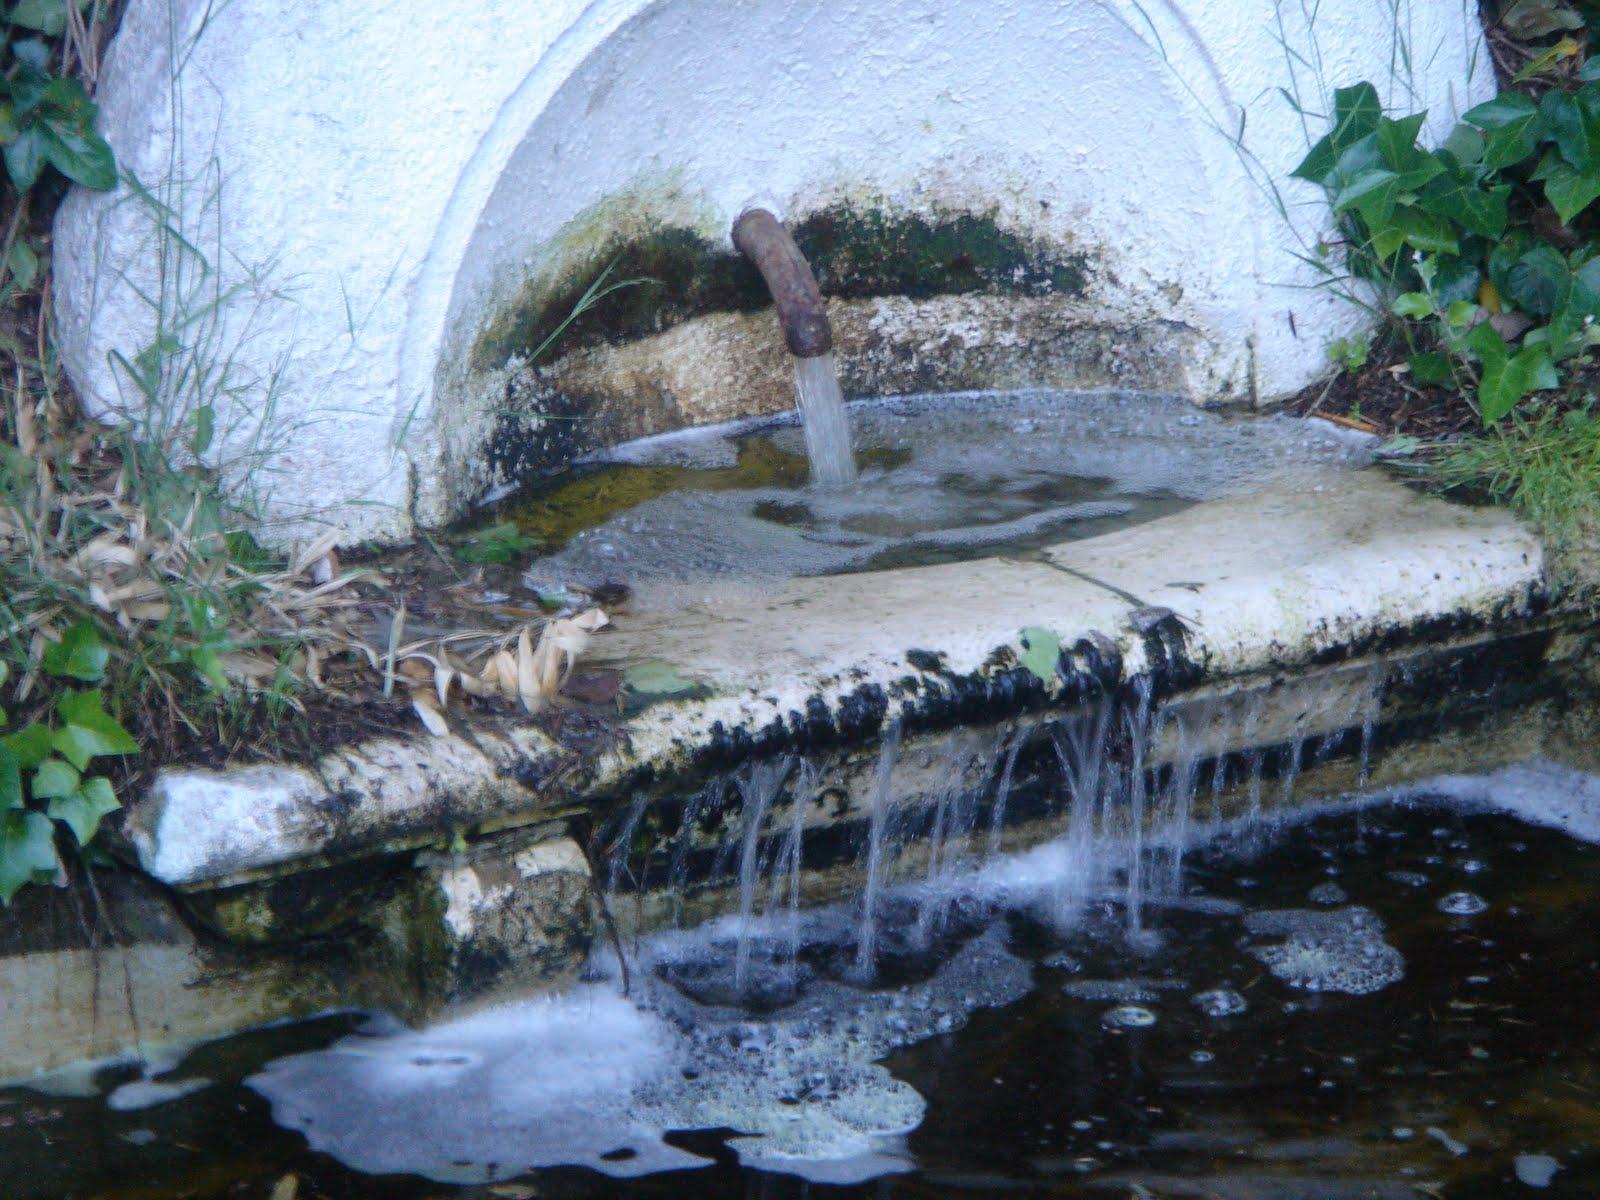 Historia y genealog a la quinta de los molinos madrid for Piso quinta de los molinos